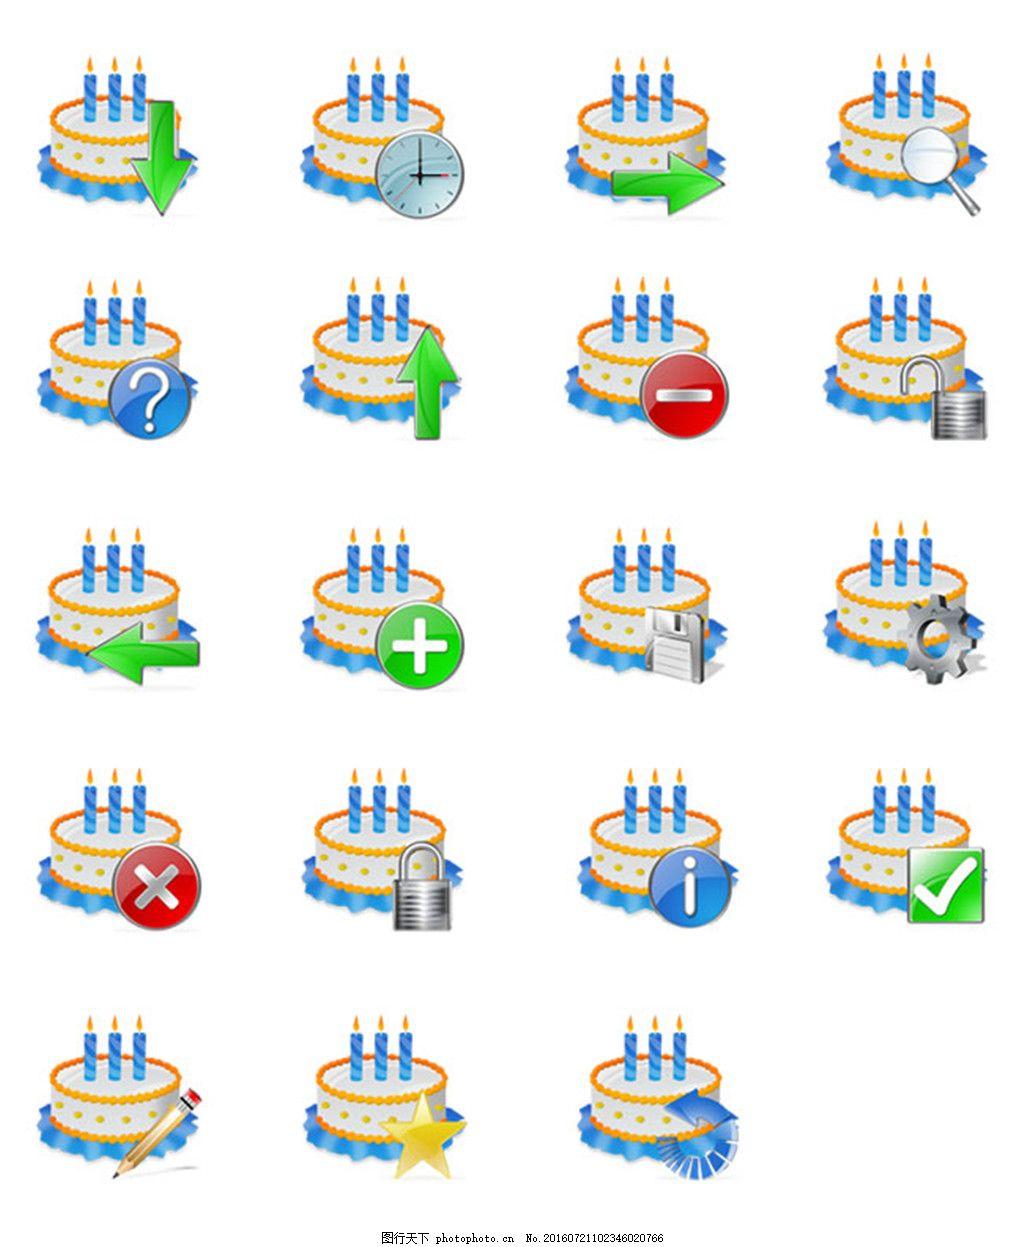 蛋糕图标素材 蛋糕 星星 闹钟      日历 蜡烛 生日 图标素材 创意